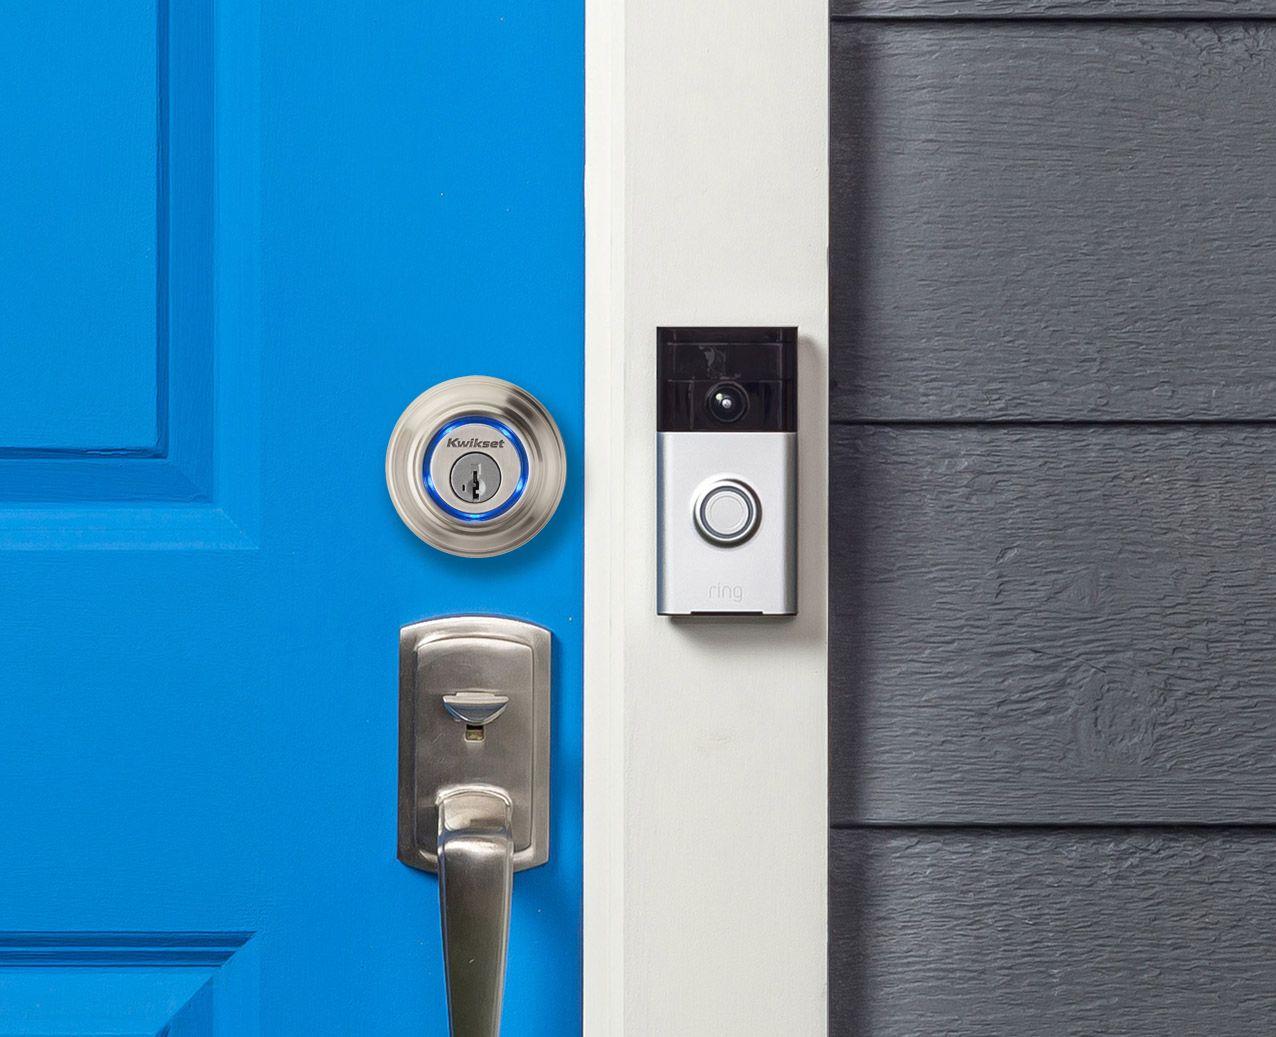 Kevo Lock Amp Ring Video Doorbell Front Door Camera